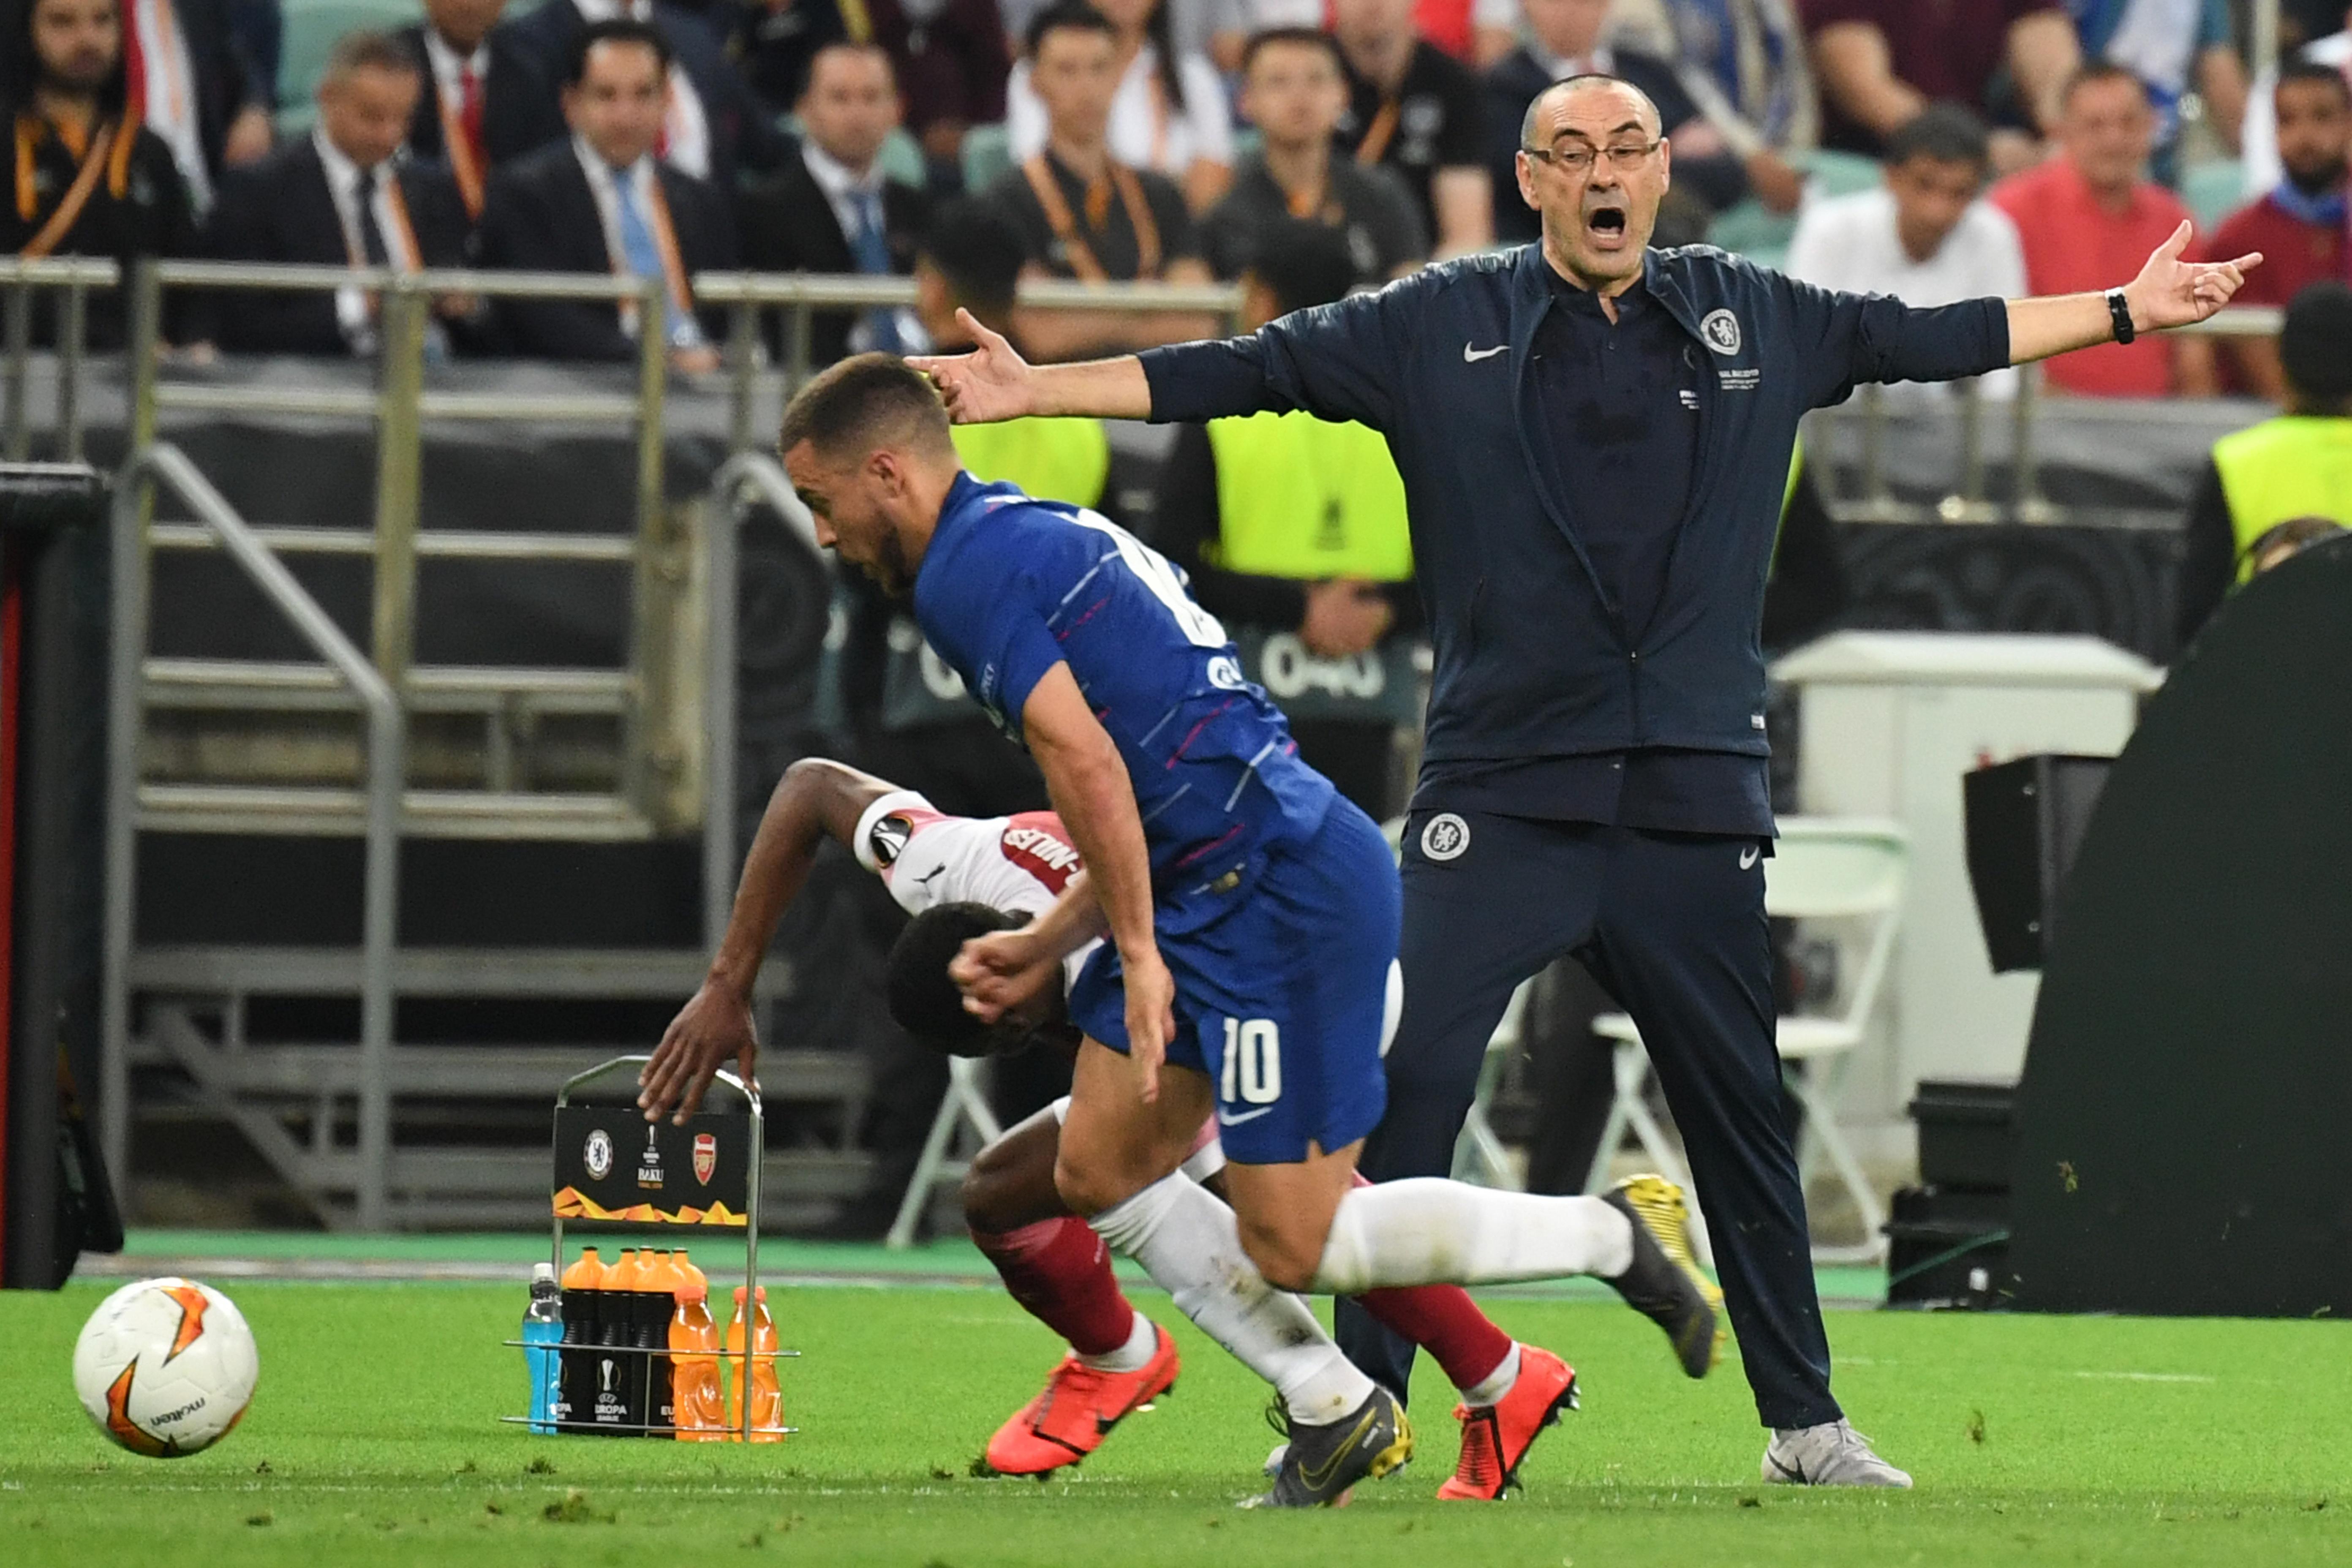 ماوريسيو ساري وأمامه لاعب تشيلسي إيدن هازارد أثناء احتكاك مع أحد لاعبي أرسنال